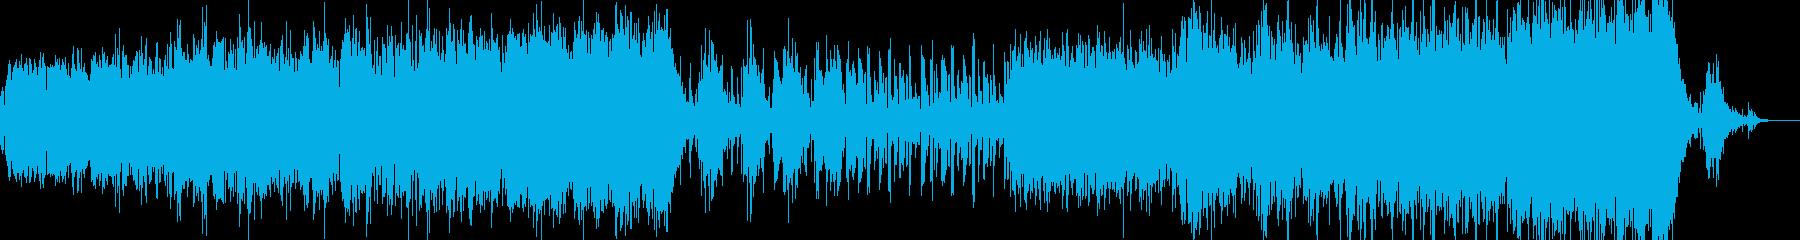 ラウンジ風音楽ーSatin nightの再生済みの波形